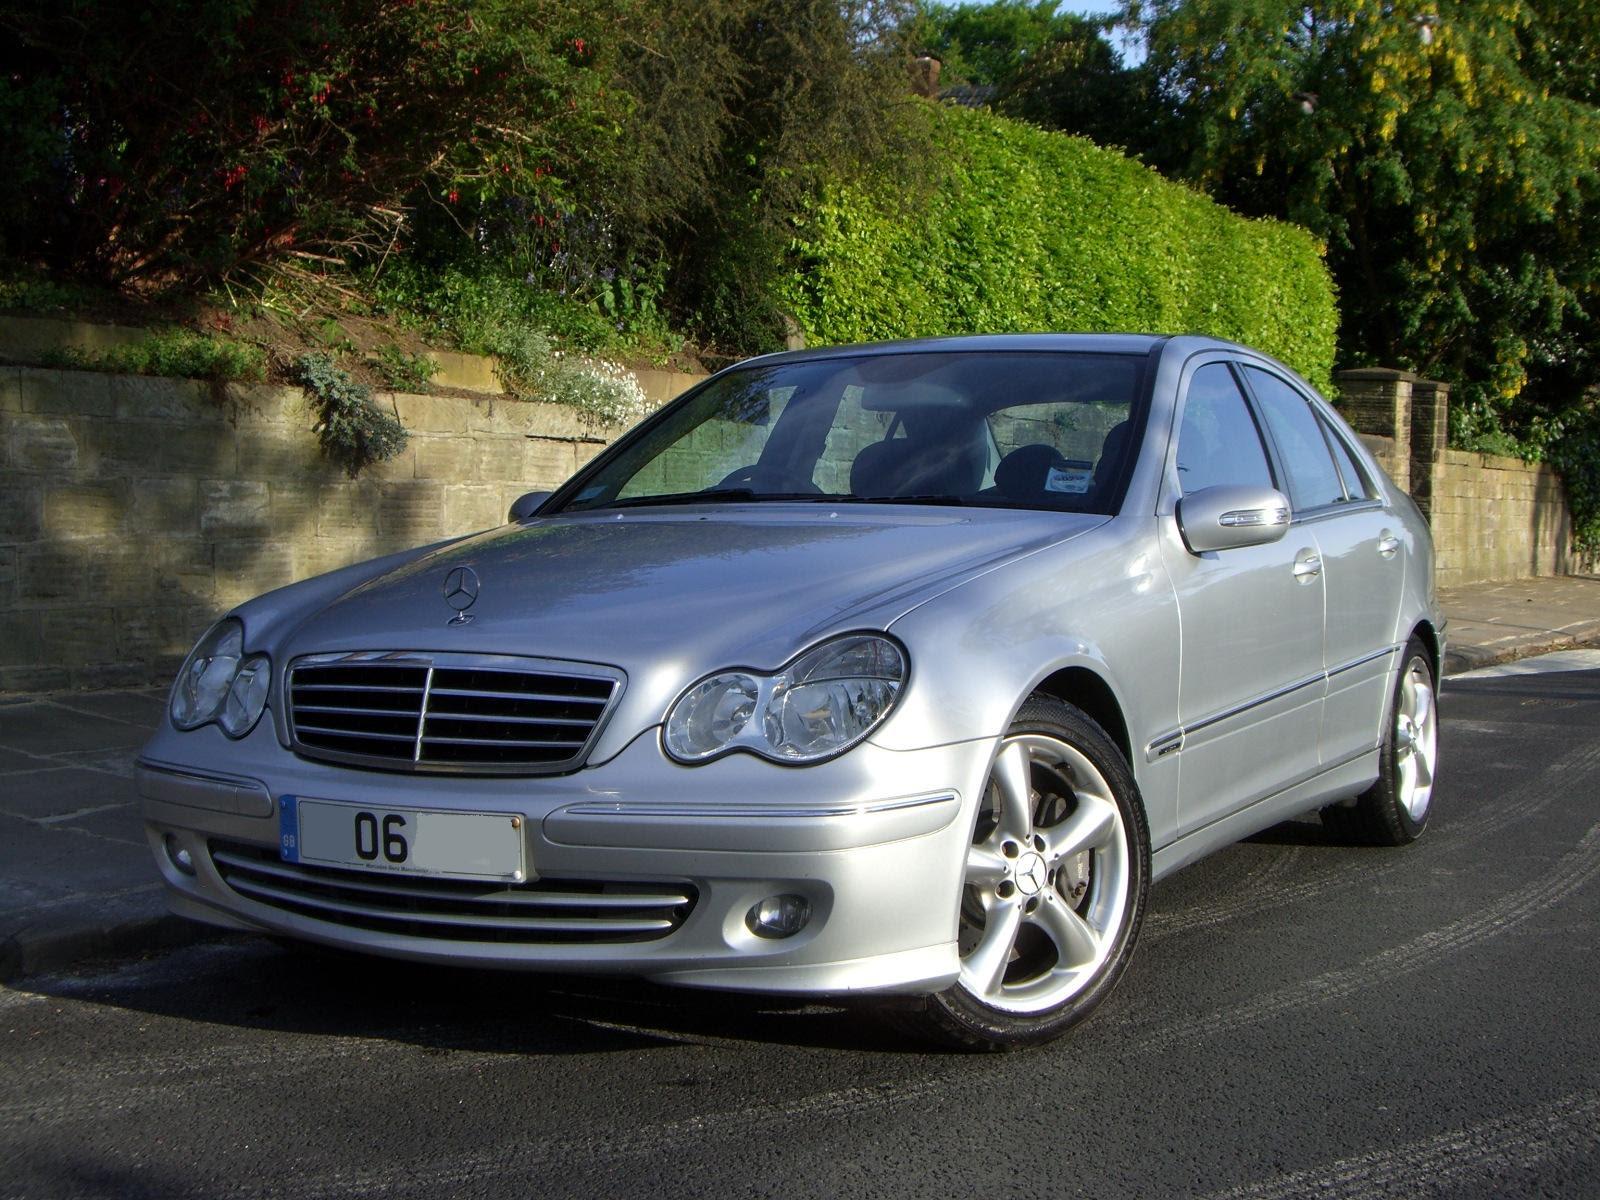 2006 Mercedes-Benz C-Class - Pictures - CarGurus